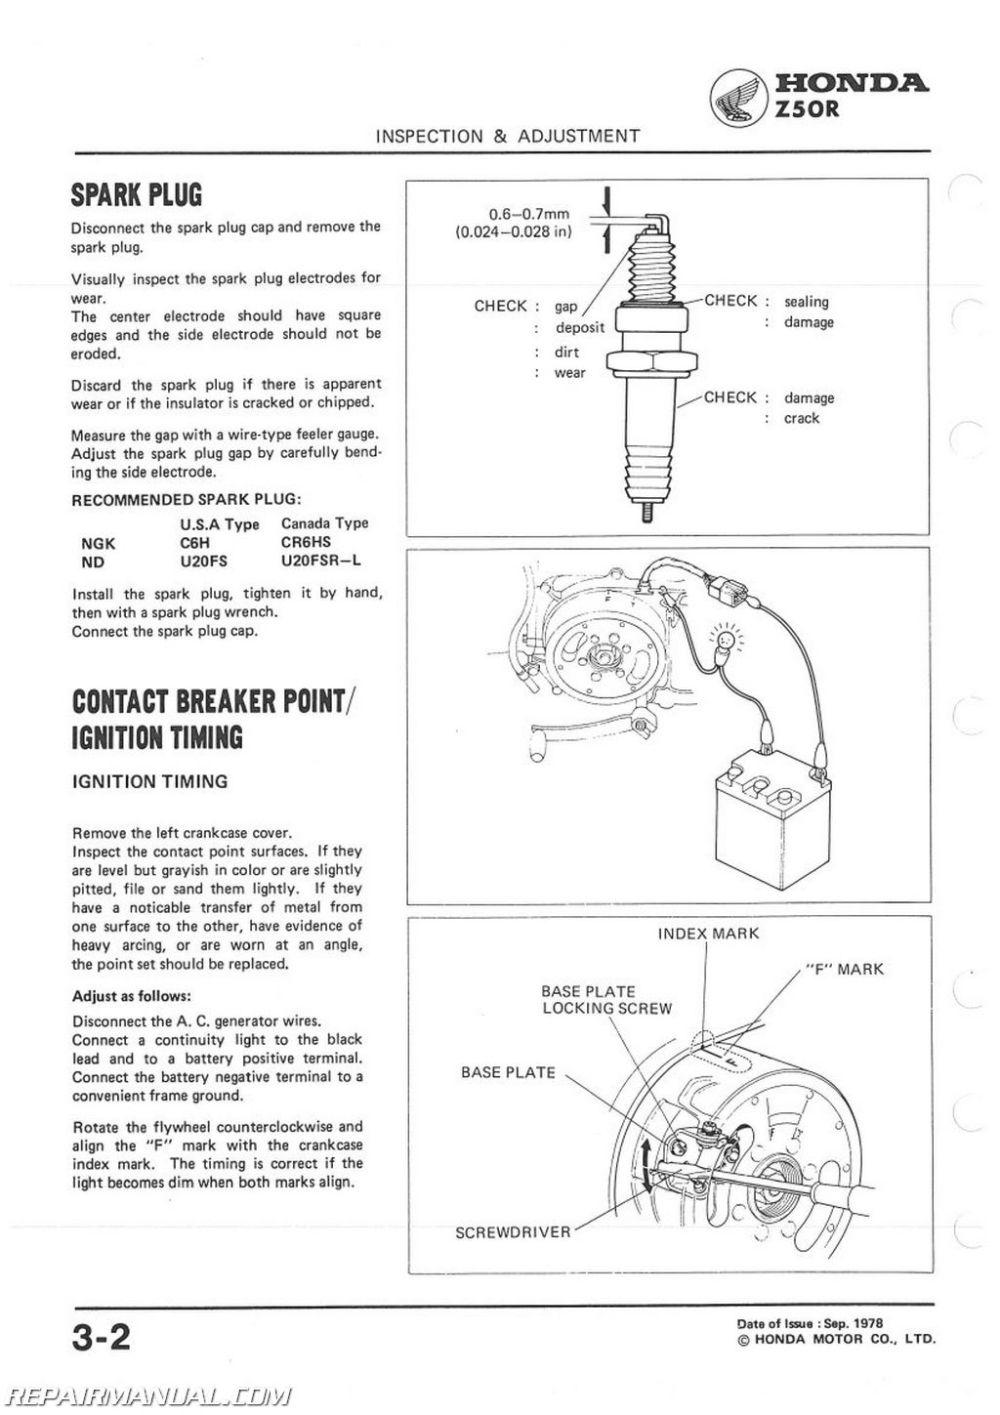 medium resolution of honda z50r wiring simple wiring diagram schemahonda z50r wiring wiring library 1993 honda z50r 1979 1987